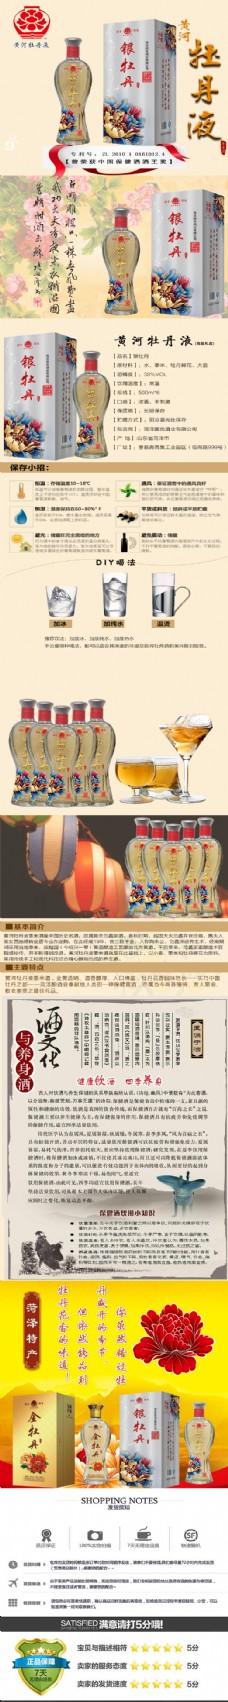 白酒详情页  菏泽 牡丹酒